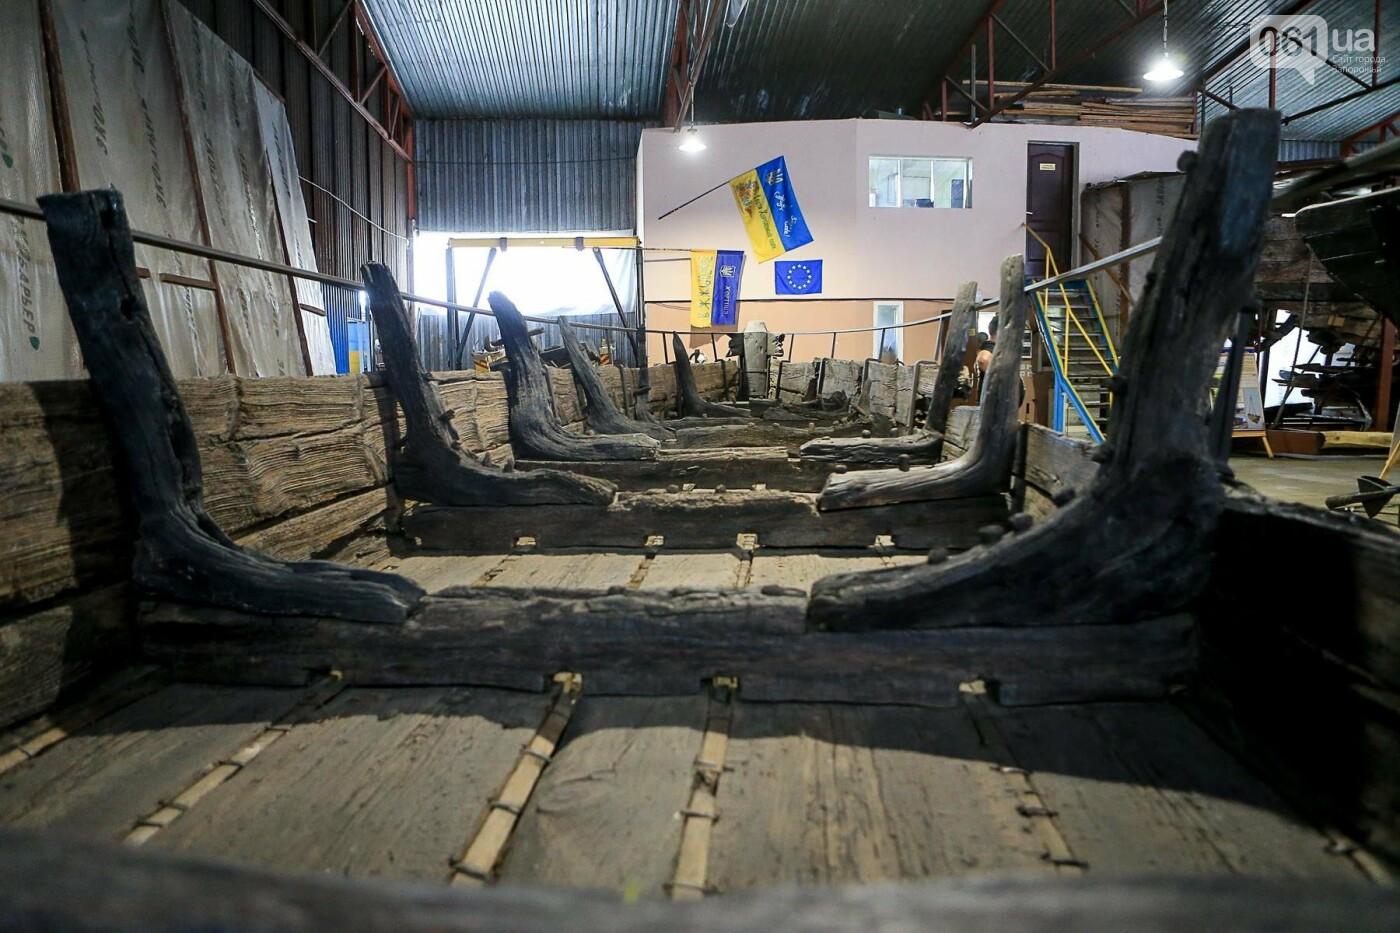 «Ты не понял, мы нашли второе судно»: как запорожские археологи нашли два корабля и зачем им 200 тысяч, - ФОТОРЕПОРТАЖ, фото-10